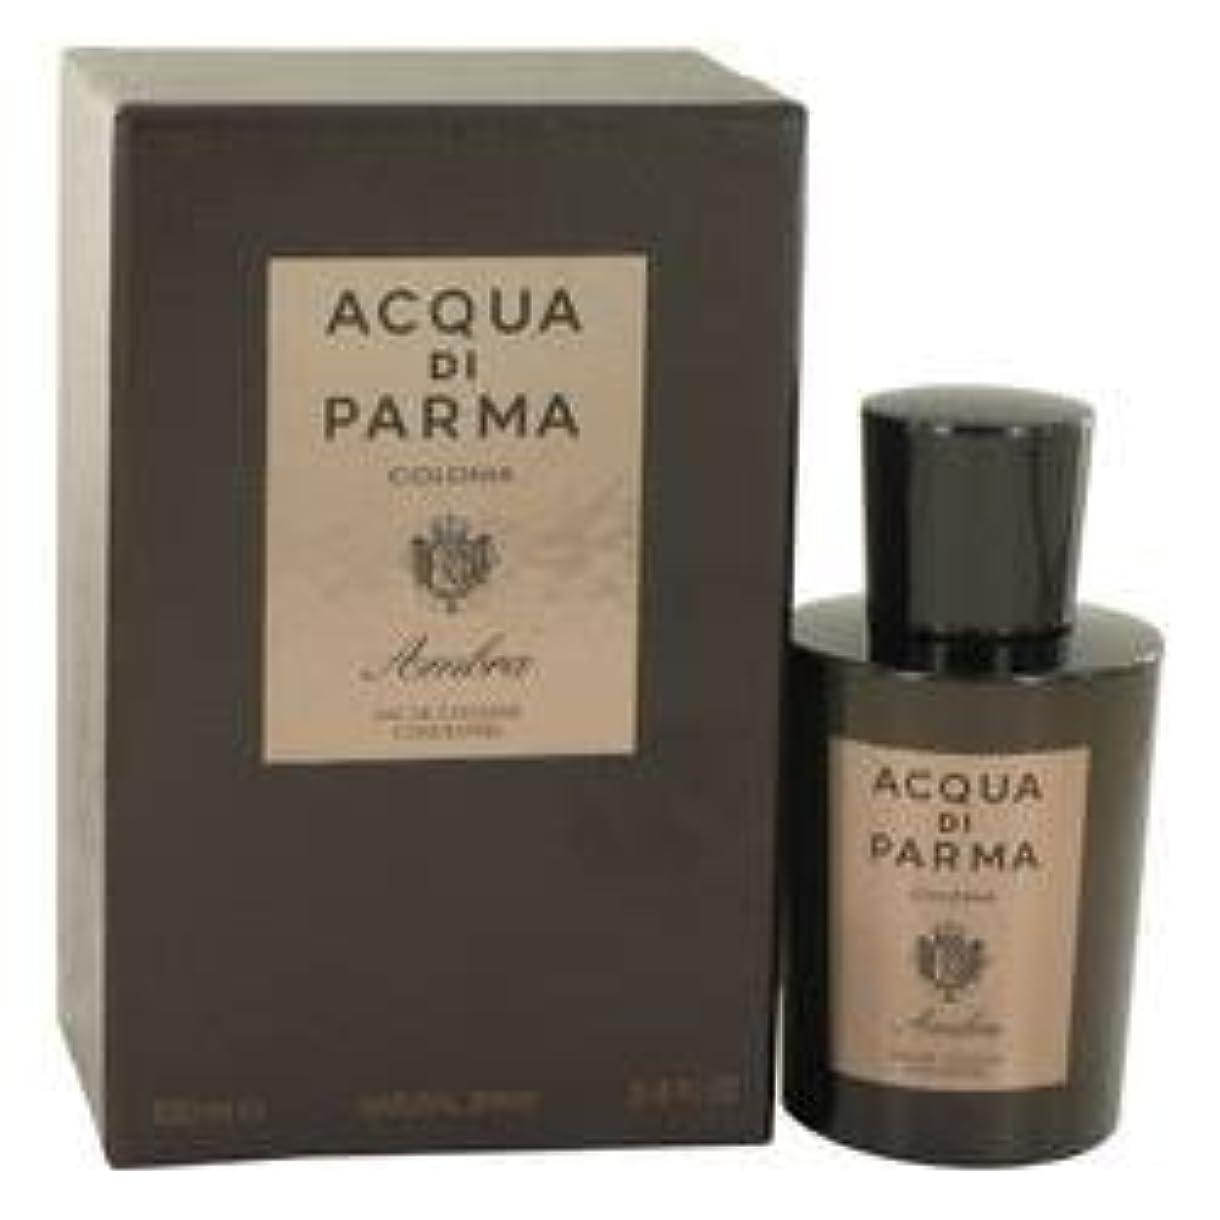 インストラクター空白狂ったAcqua Di Parma Colonia Ambra Eau De Cologne Concentrate Spray By Acqua Di Parma